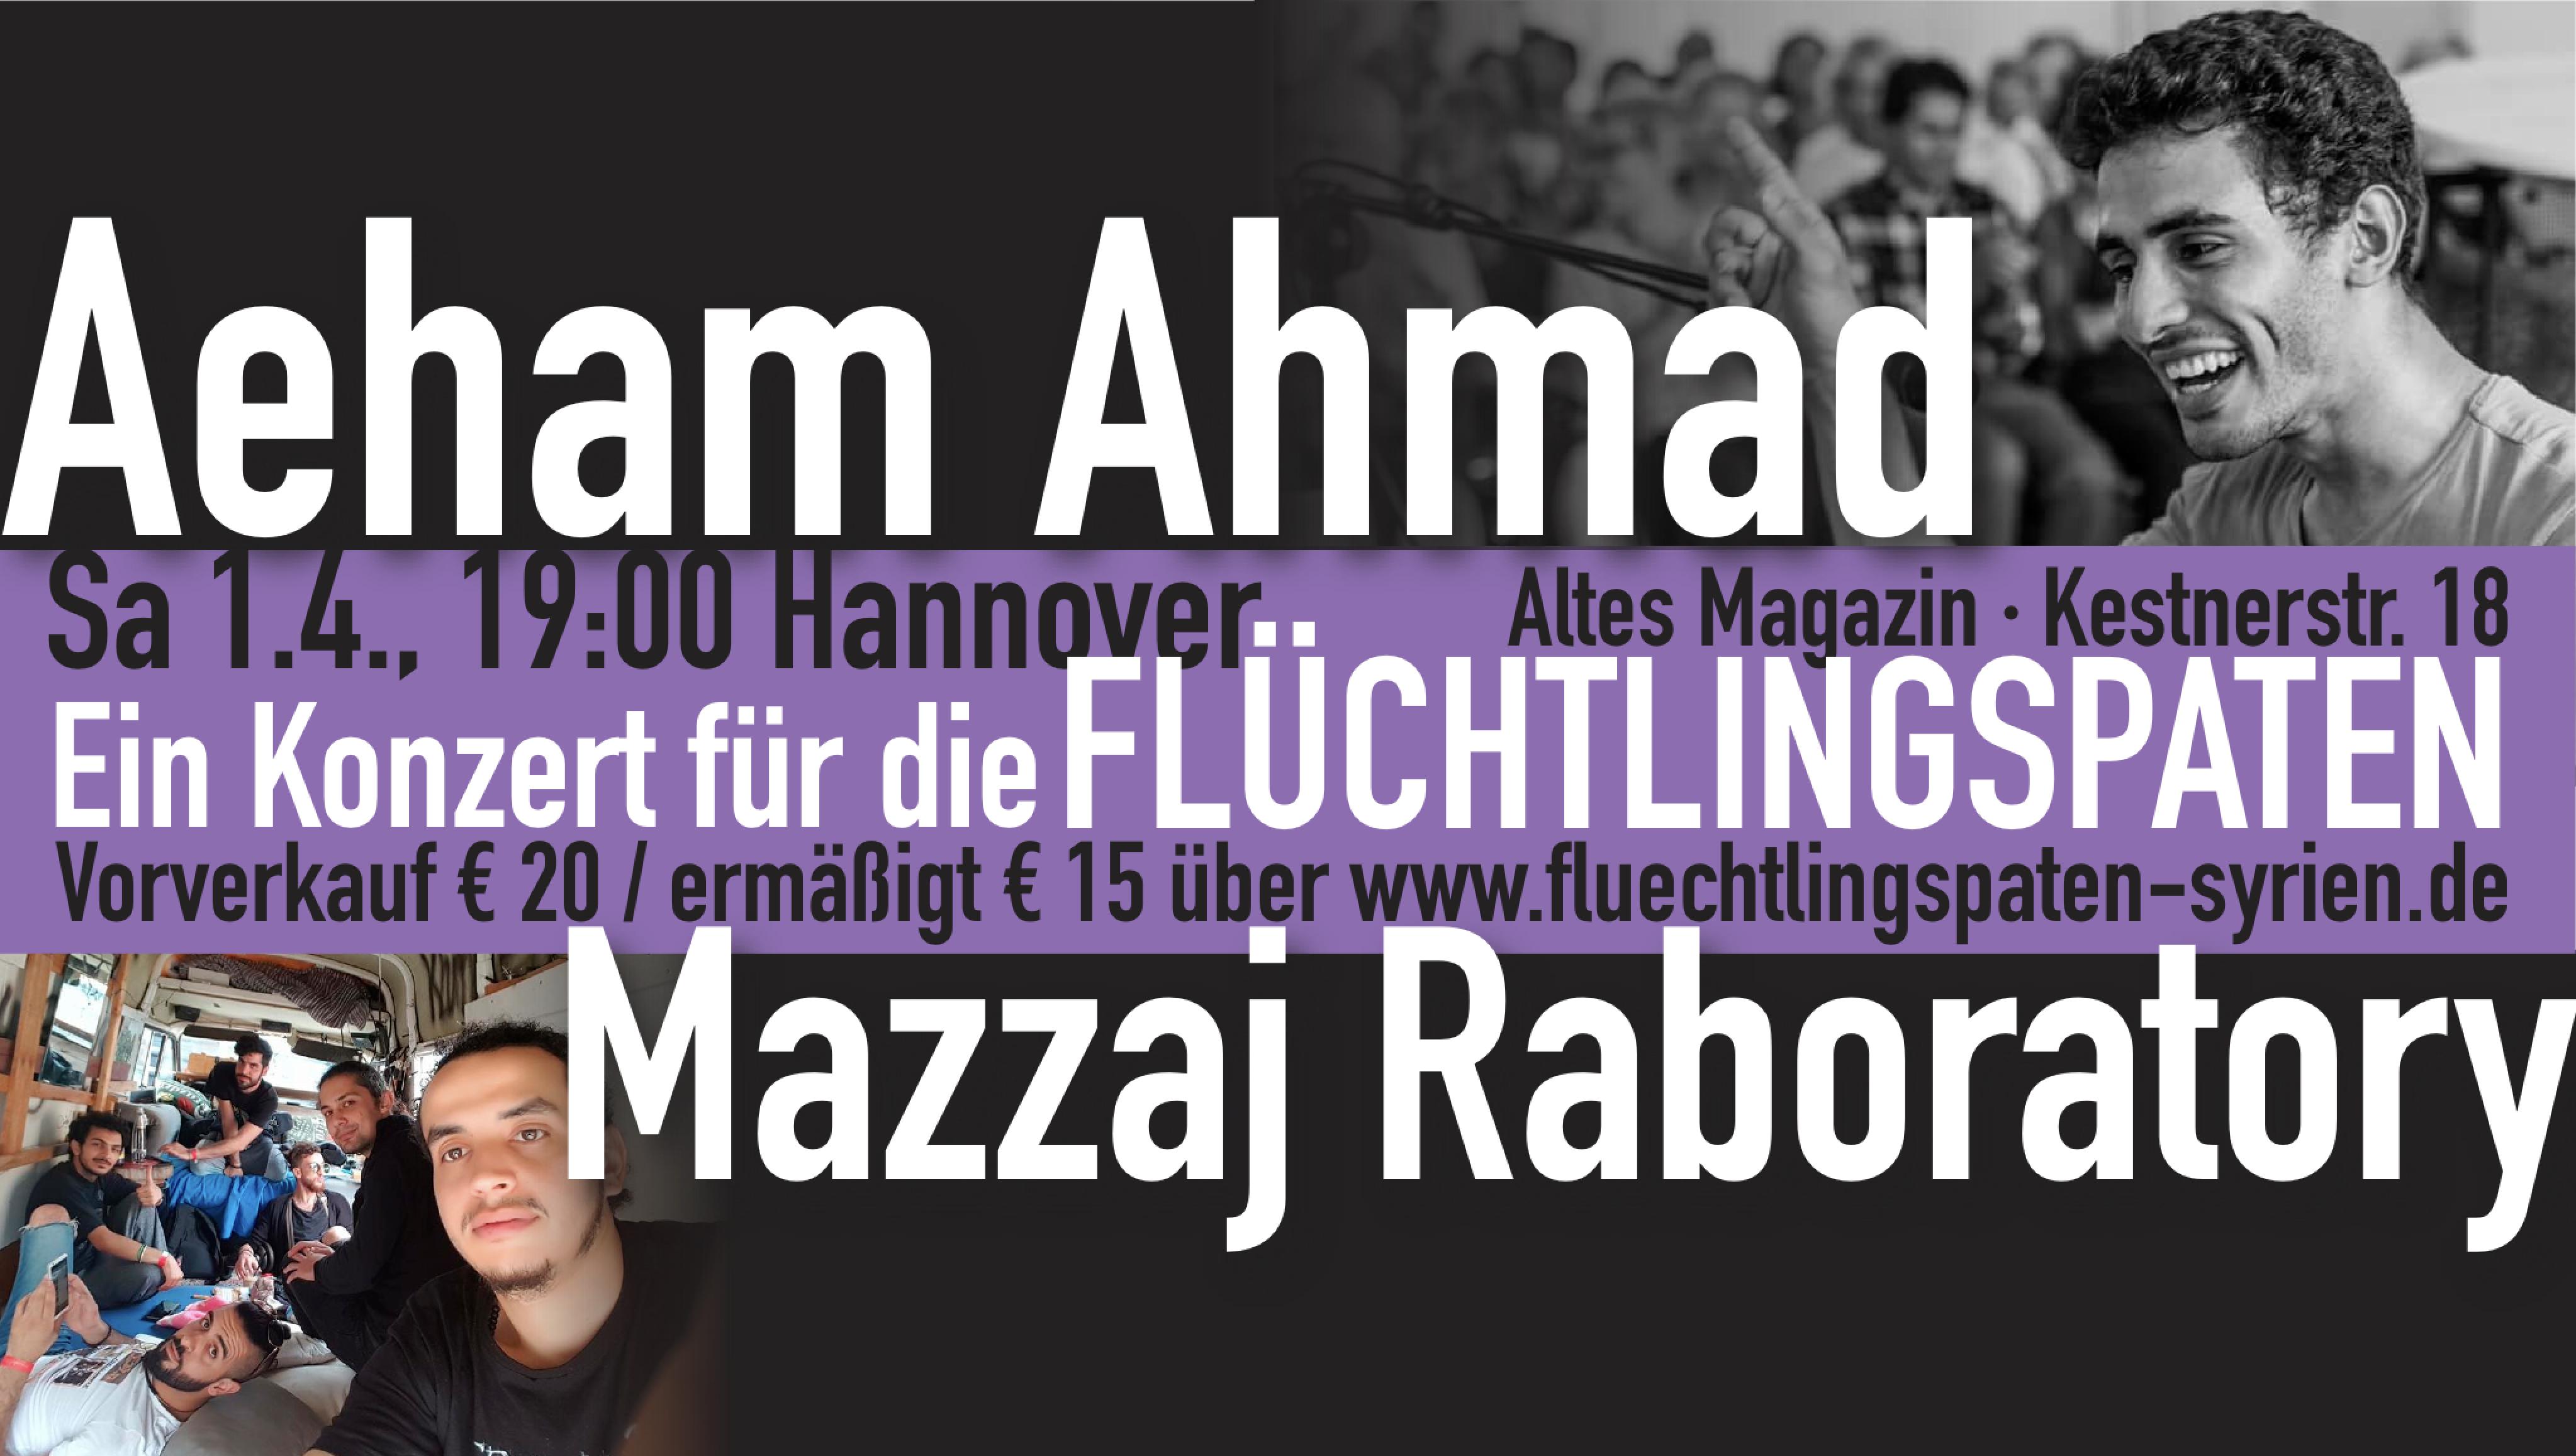 Aeham Ahmad / Mazzaj Raboratory: Ein Konzert für die Flüchtlingspaten! 1.4./19:00/Hannover